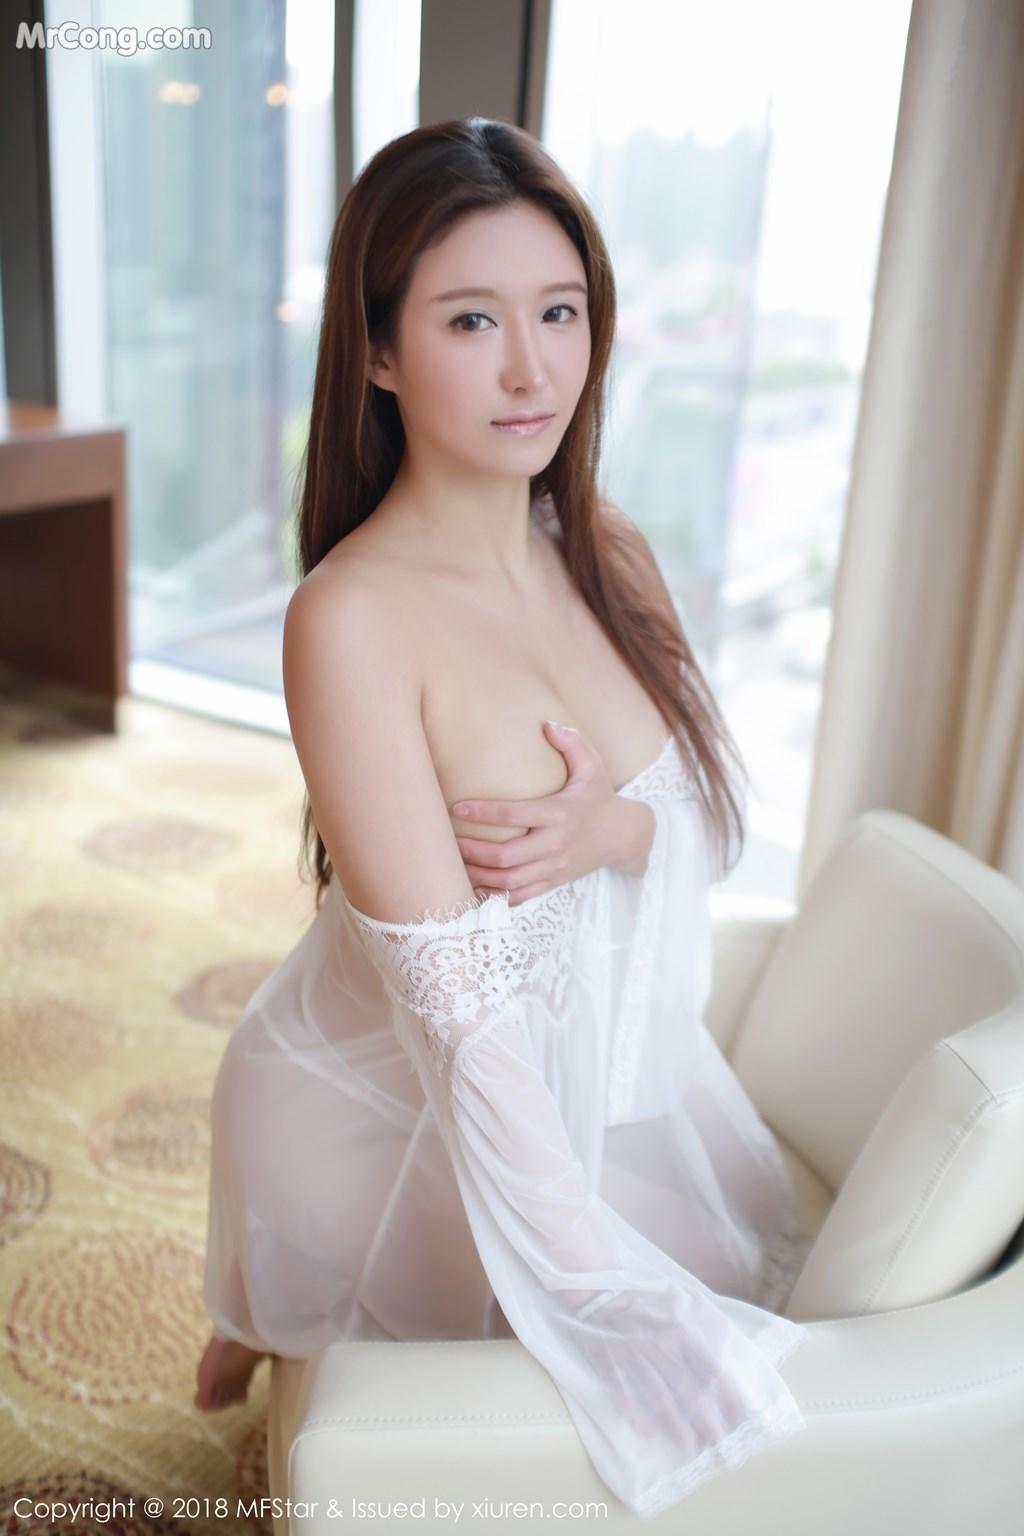 Image MFStar-Vol.166-Jennanni-Jen-MrCong.com-008 in post MFStar Vol.166: Người mẫu Jennanni_Jen (34 ảnh)